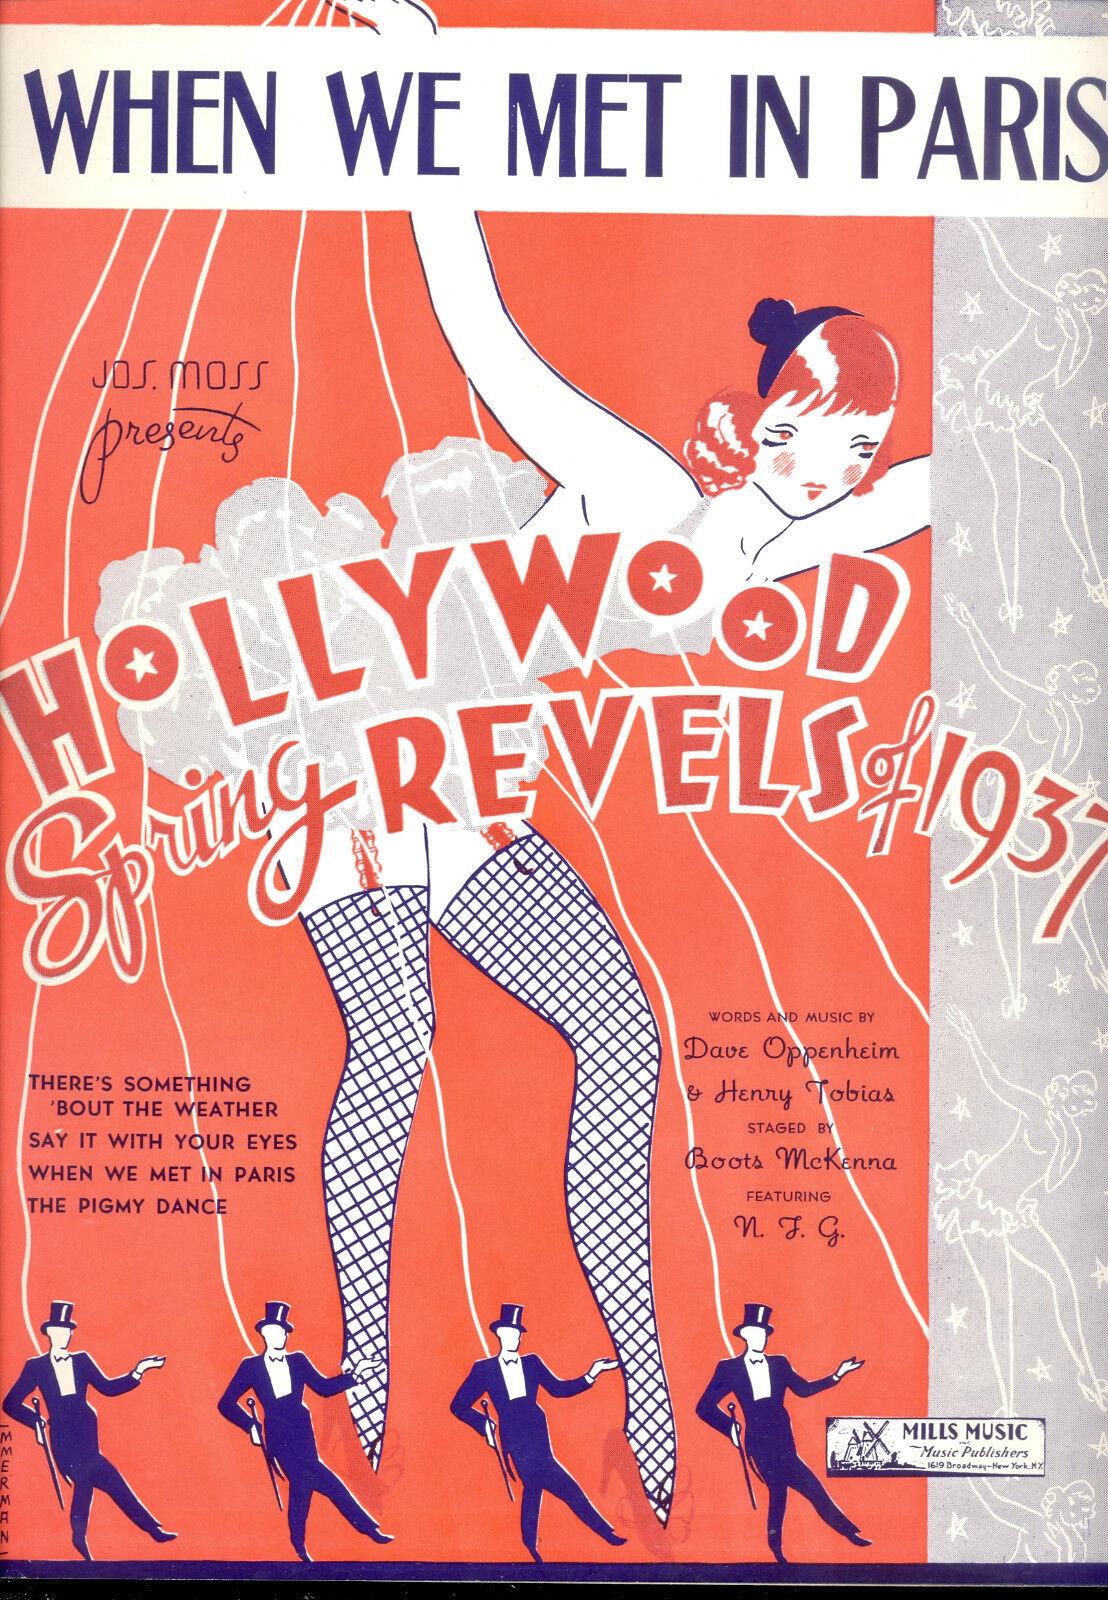 Hollywood Feder Revels '37 Broadway Show   wenn Wir Met in Paris